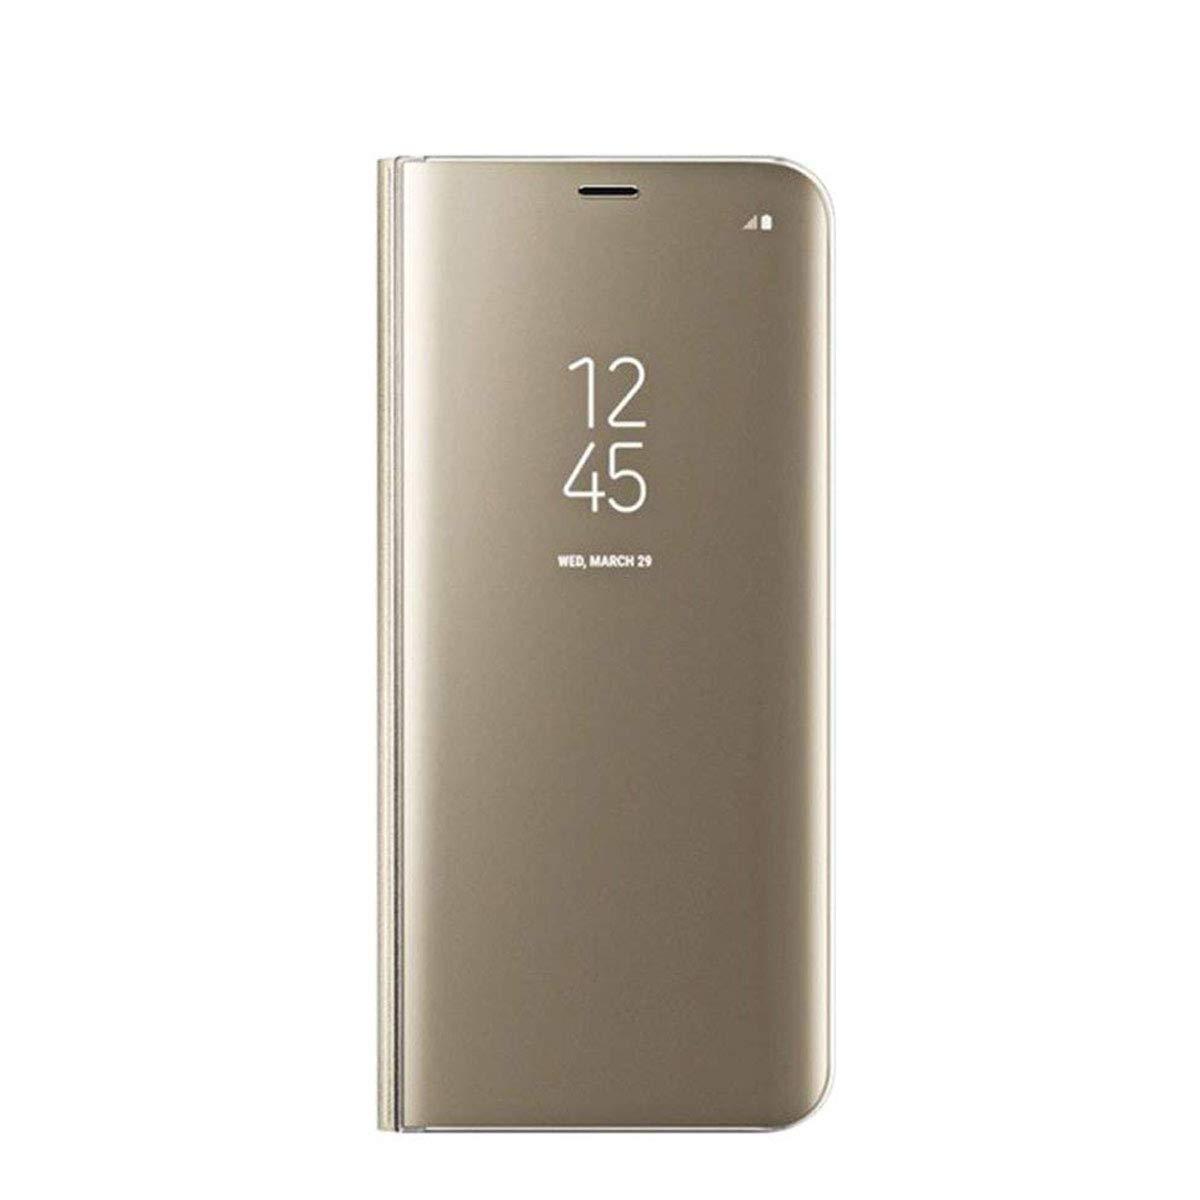 Ukayfe Galaxy Note 9 Custodia,Specchio Custodia Portafoglio Flip in Pelle PU e Duro PC Ultra Slim con Stand Funzione dei 360 Gradi Protezione Mirror Cover per Samsung Galaxy Note 9-Nero